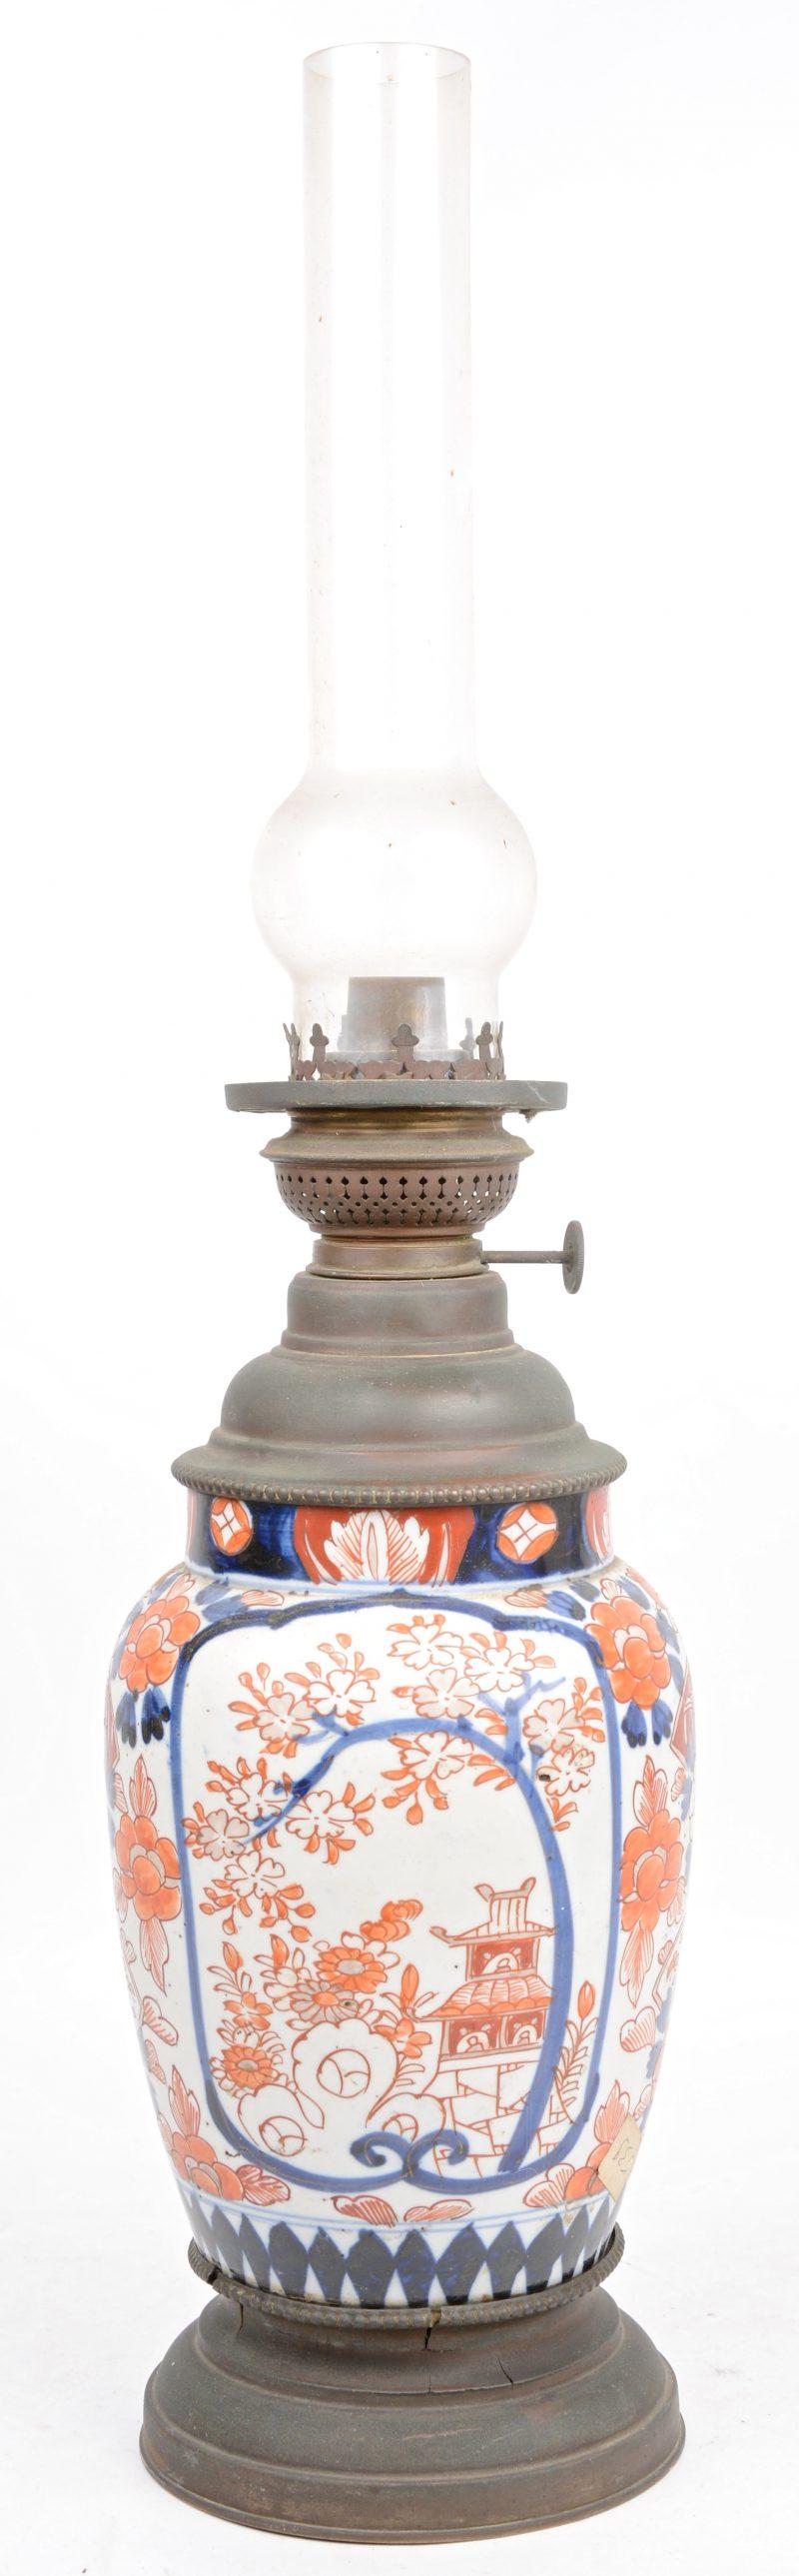 Een olielamp van Imari porselein en koper. Met lampglas. Omstreeks 1900.